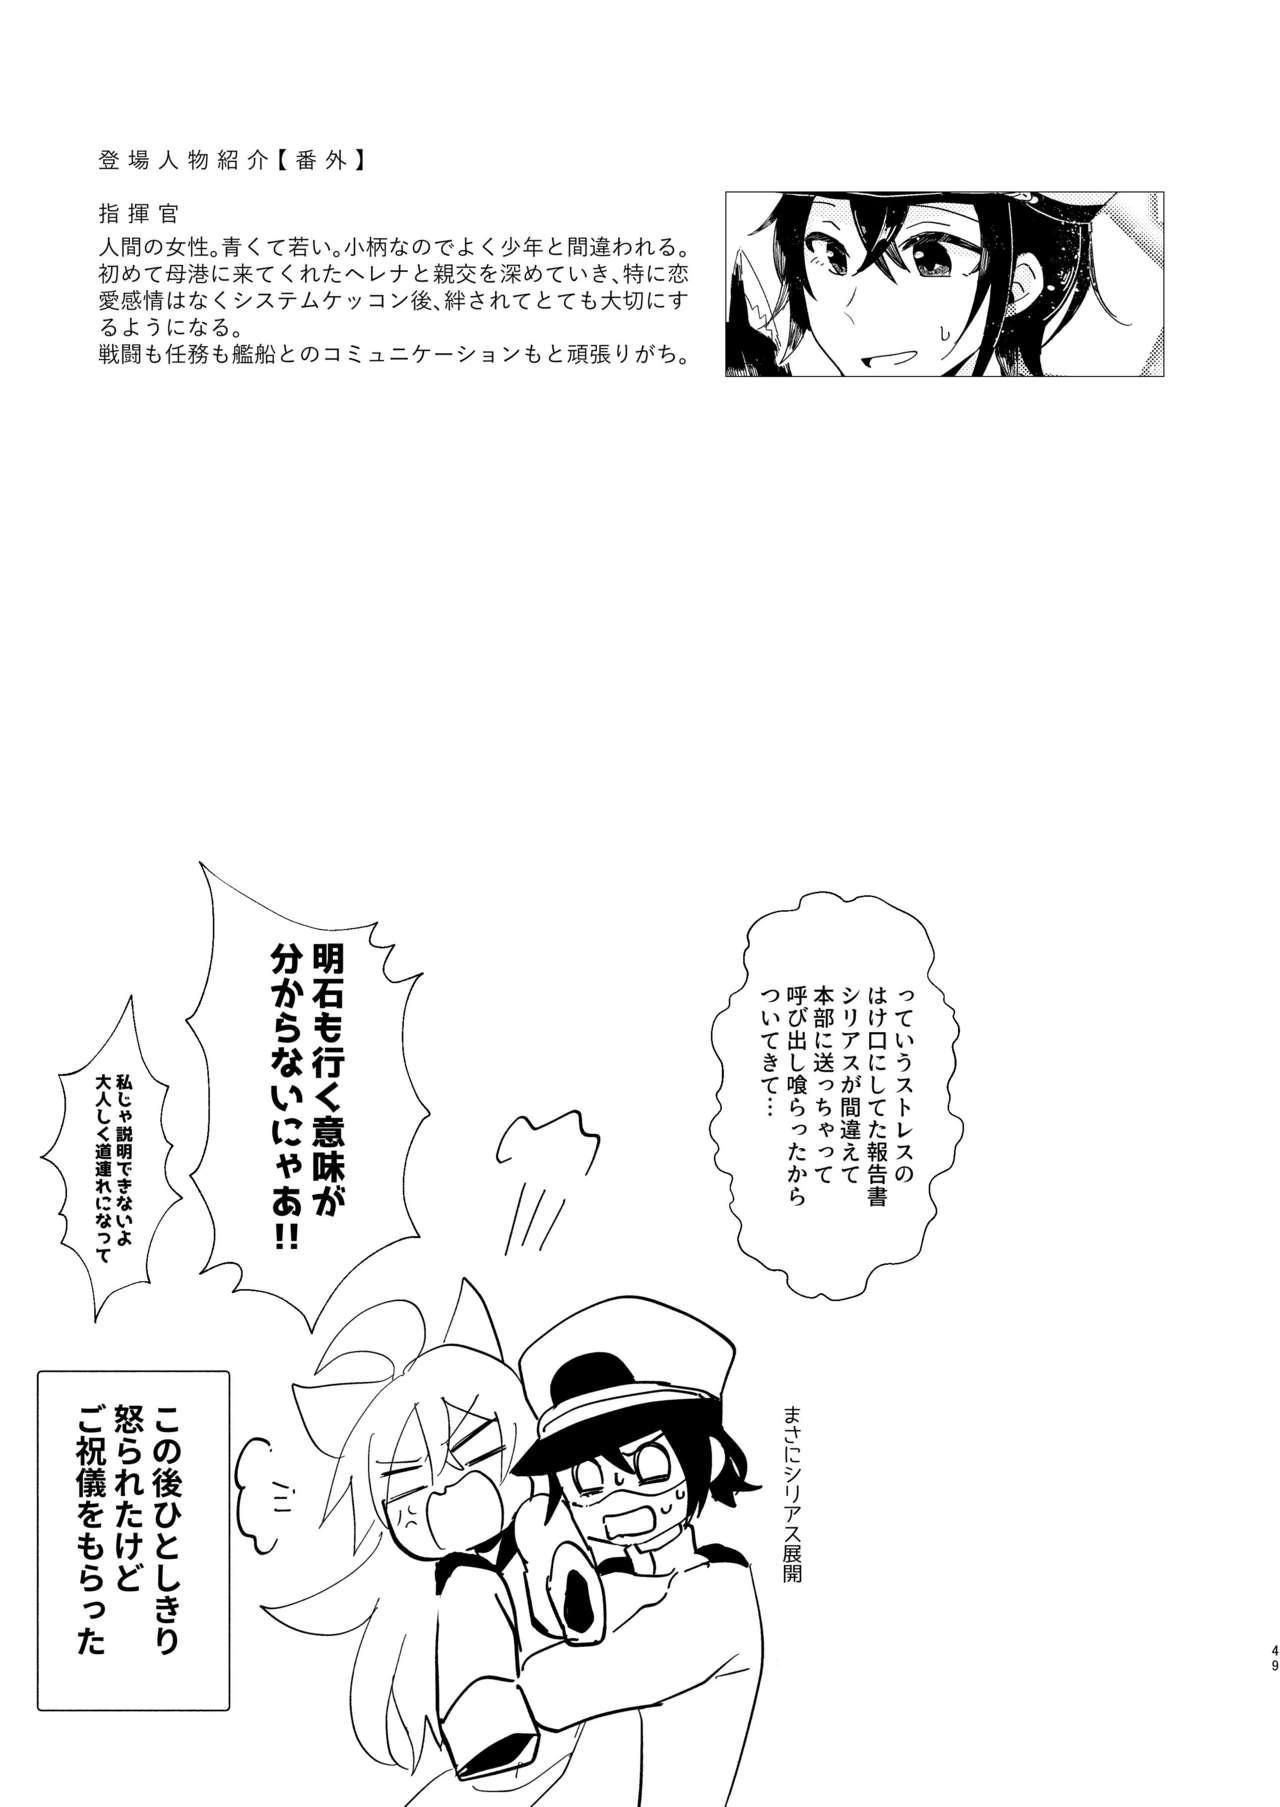 Kitai no Shisugi wa Kinmotsu desu! - Sticks are not necessarily buff 47